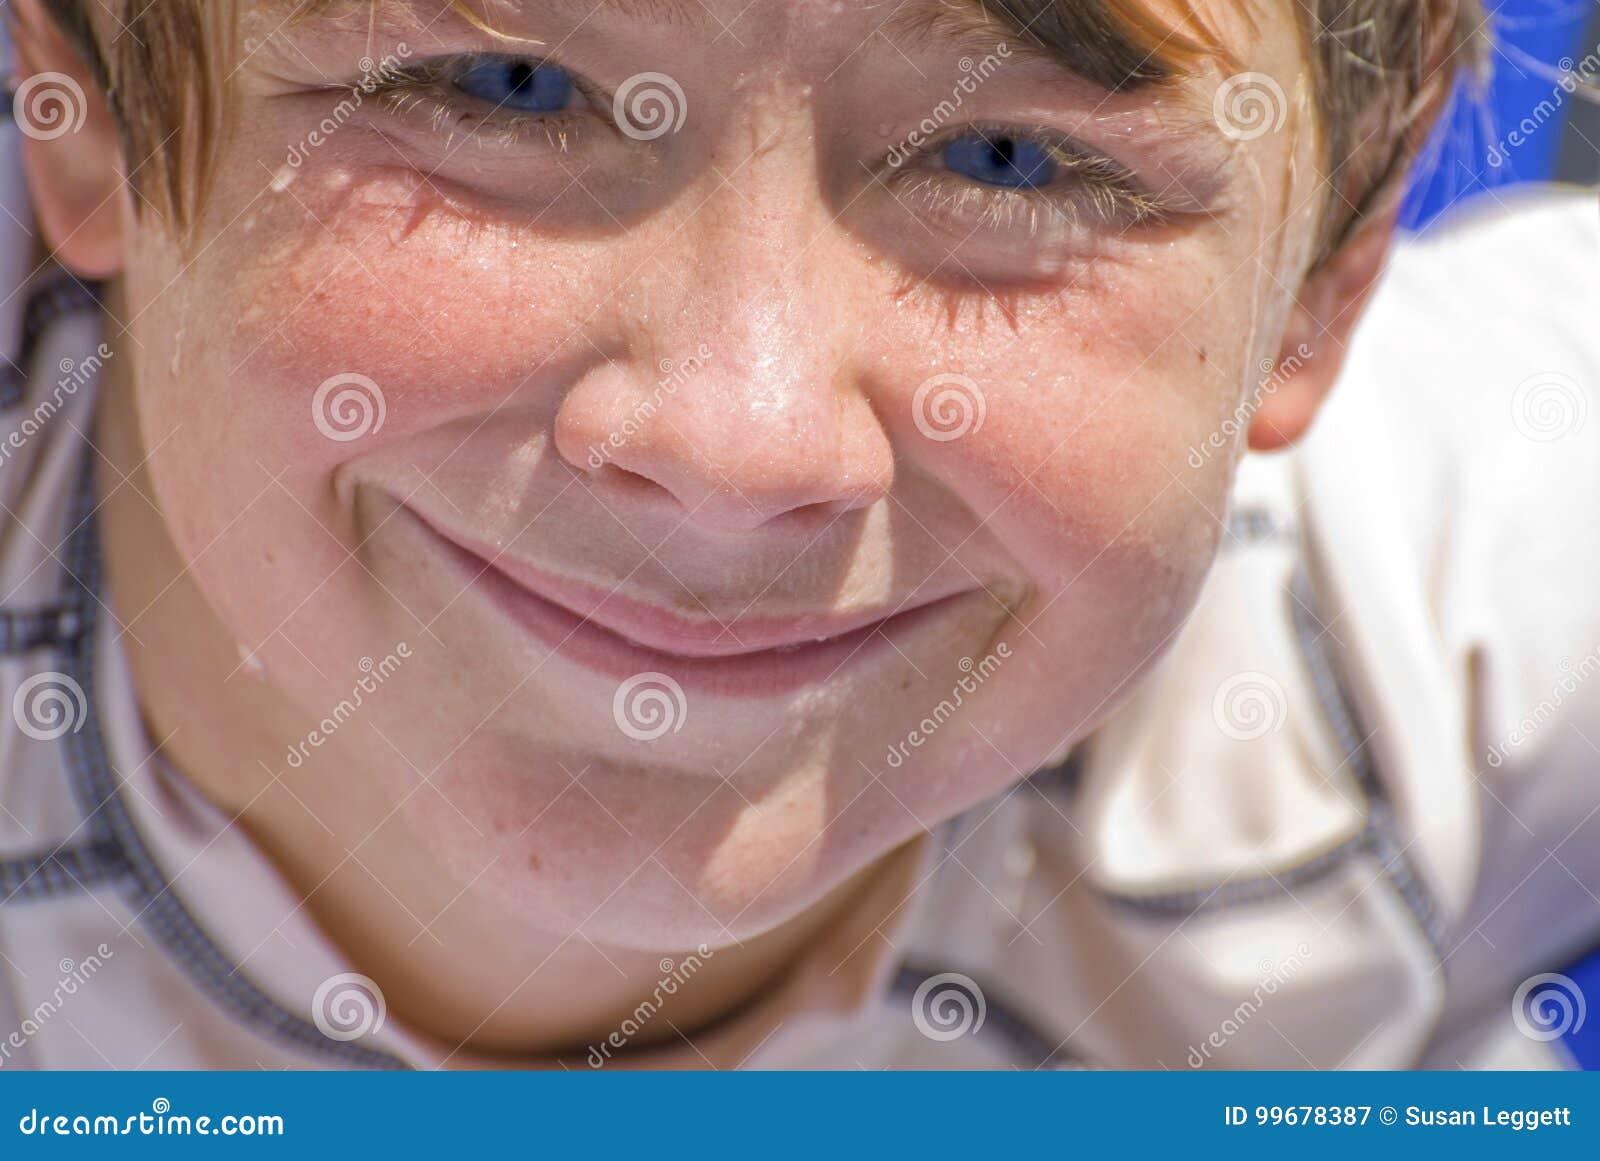 Uśmiechnięty Moczy twarzy chłopiec